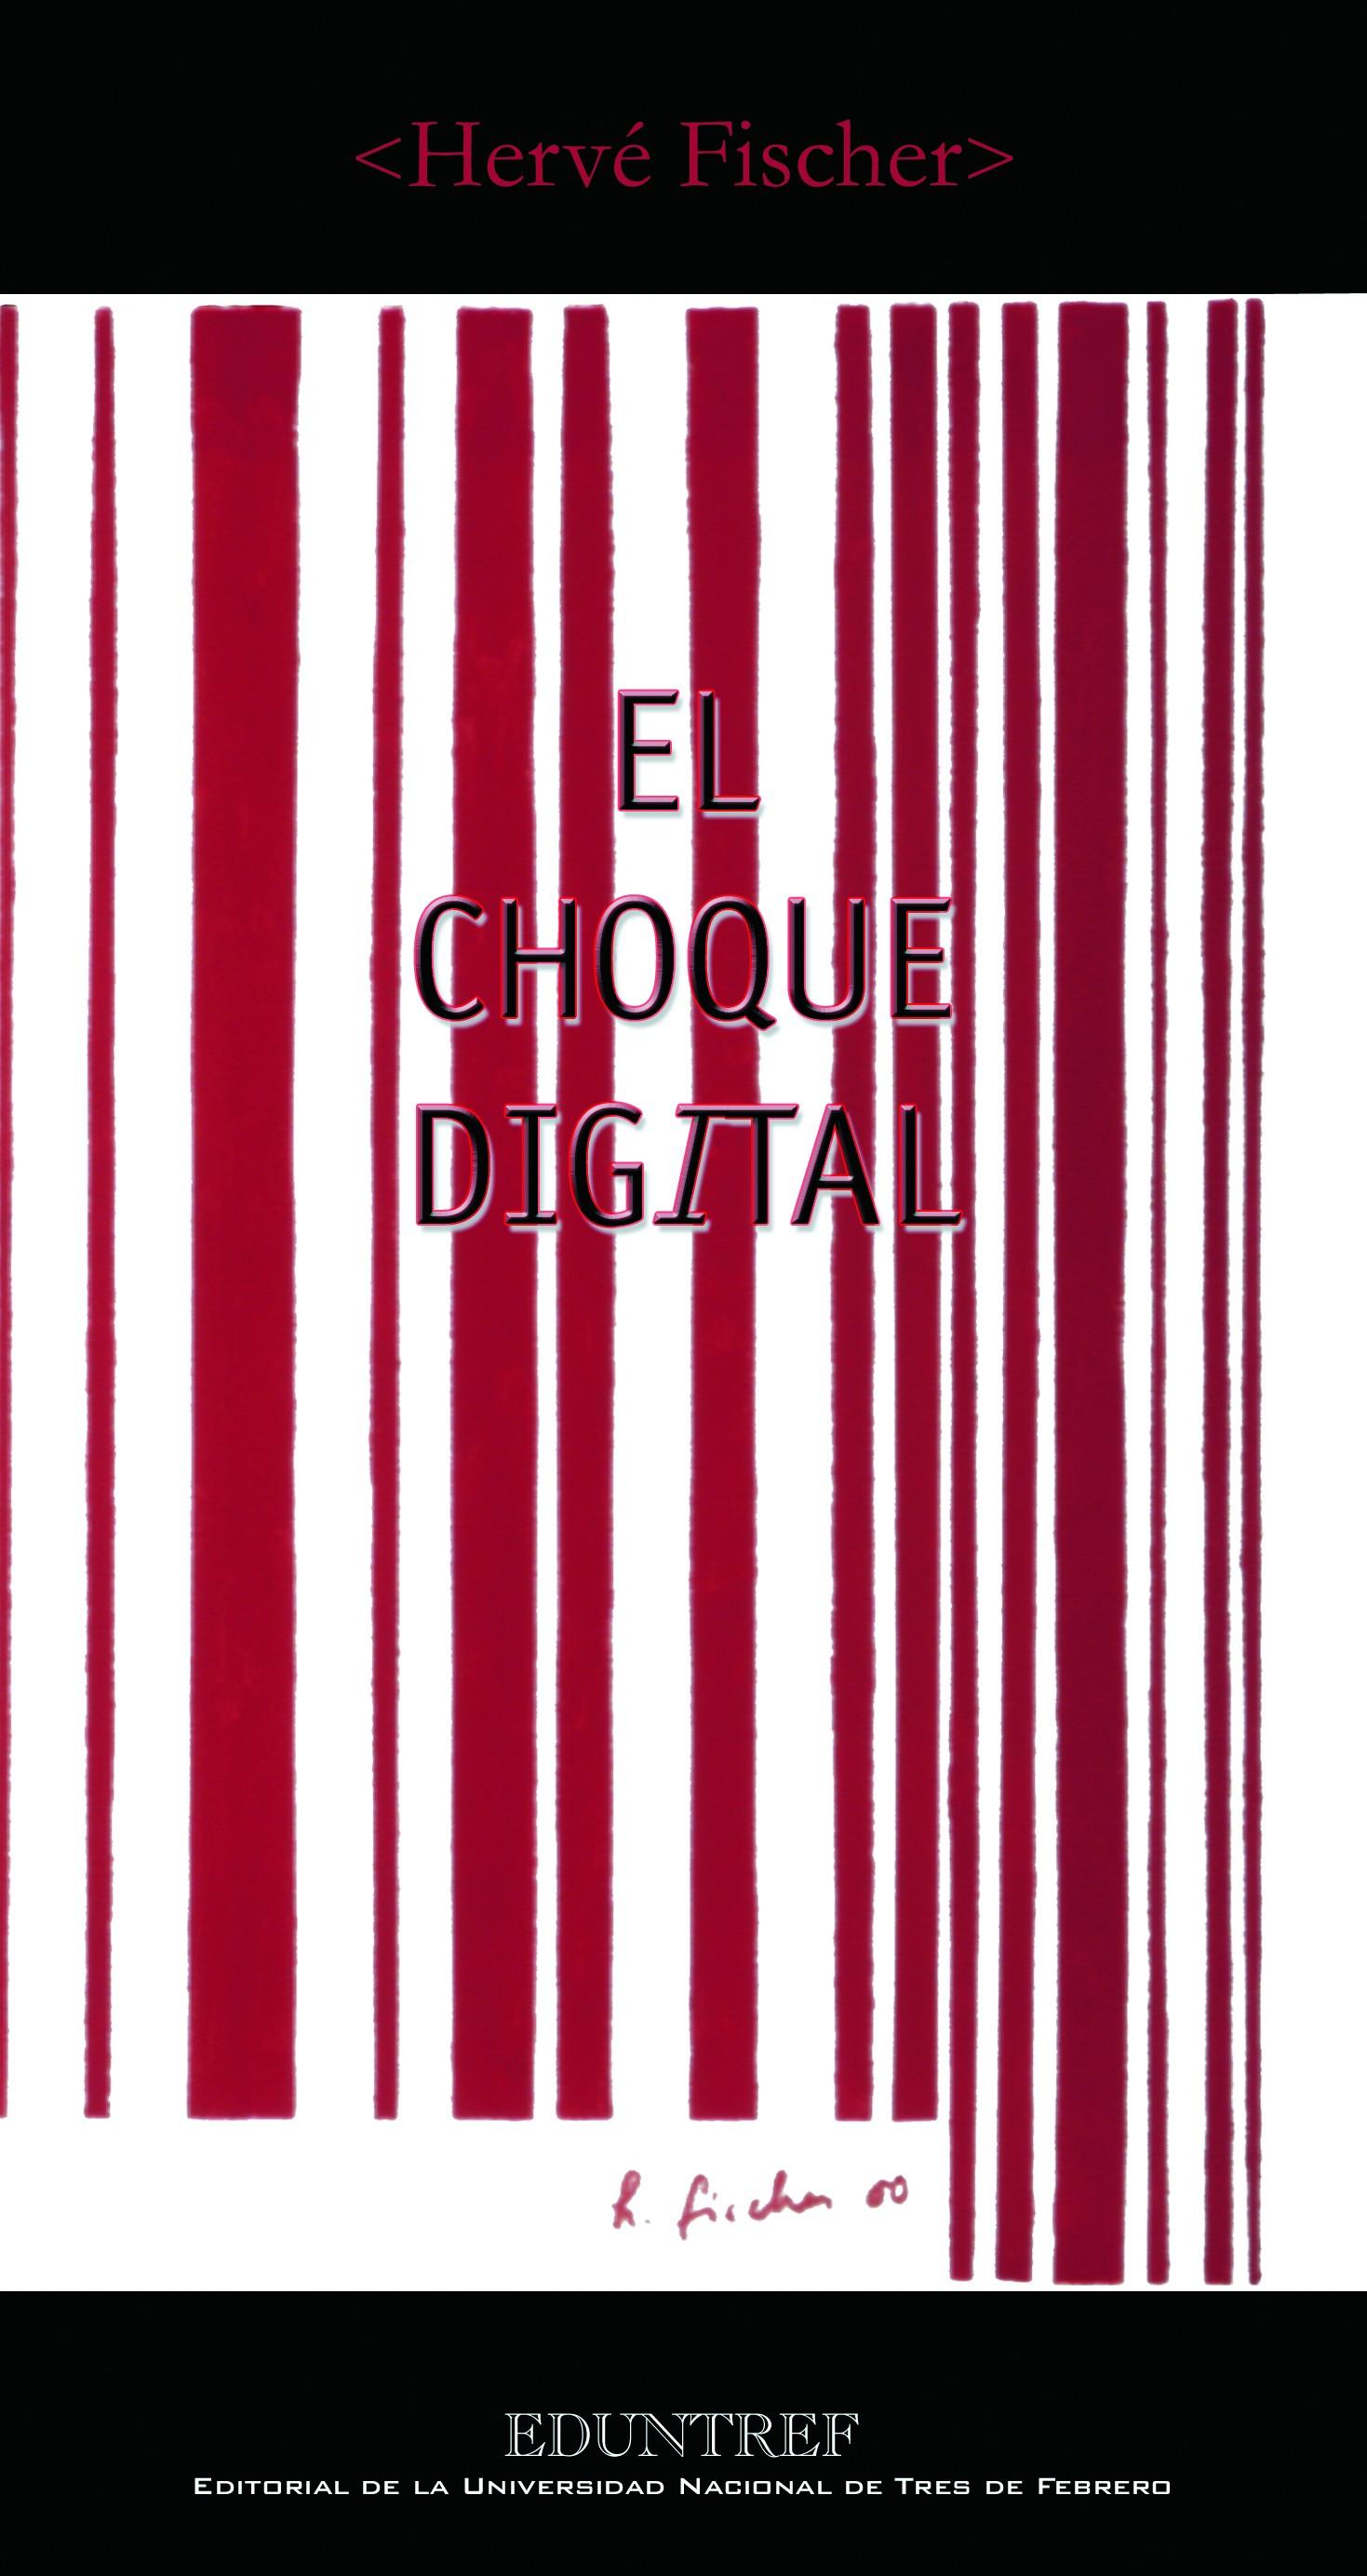 El choque digital